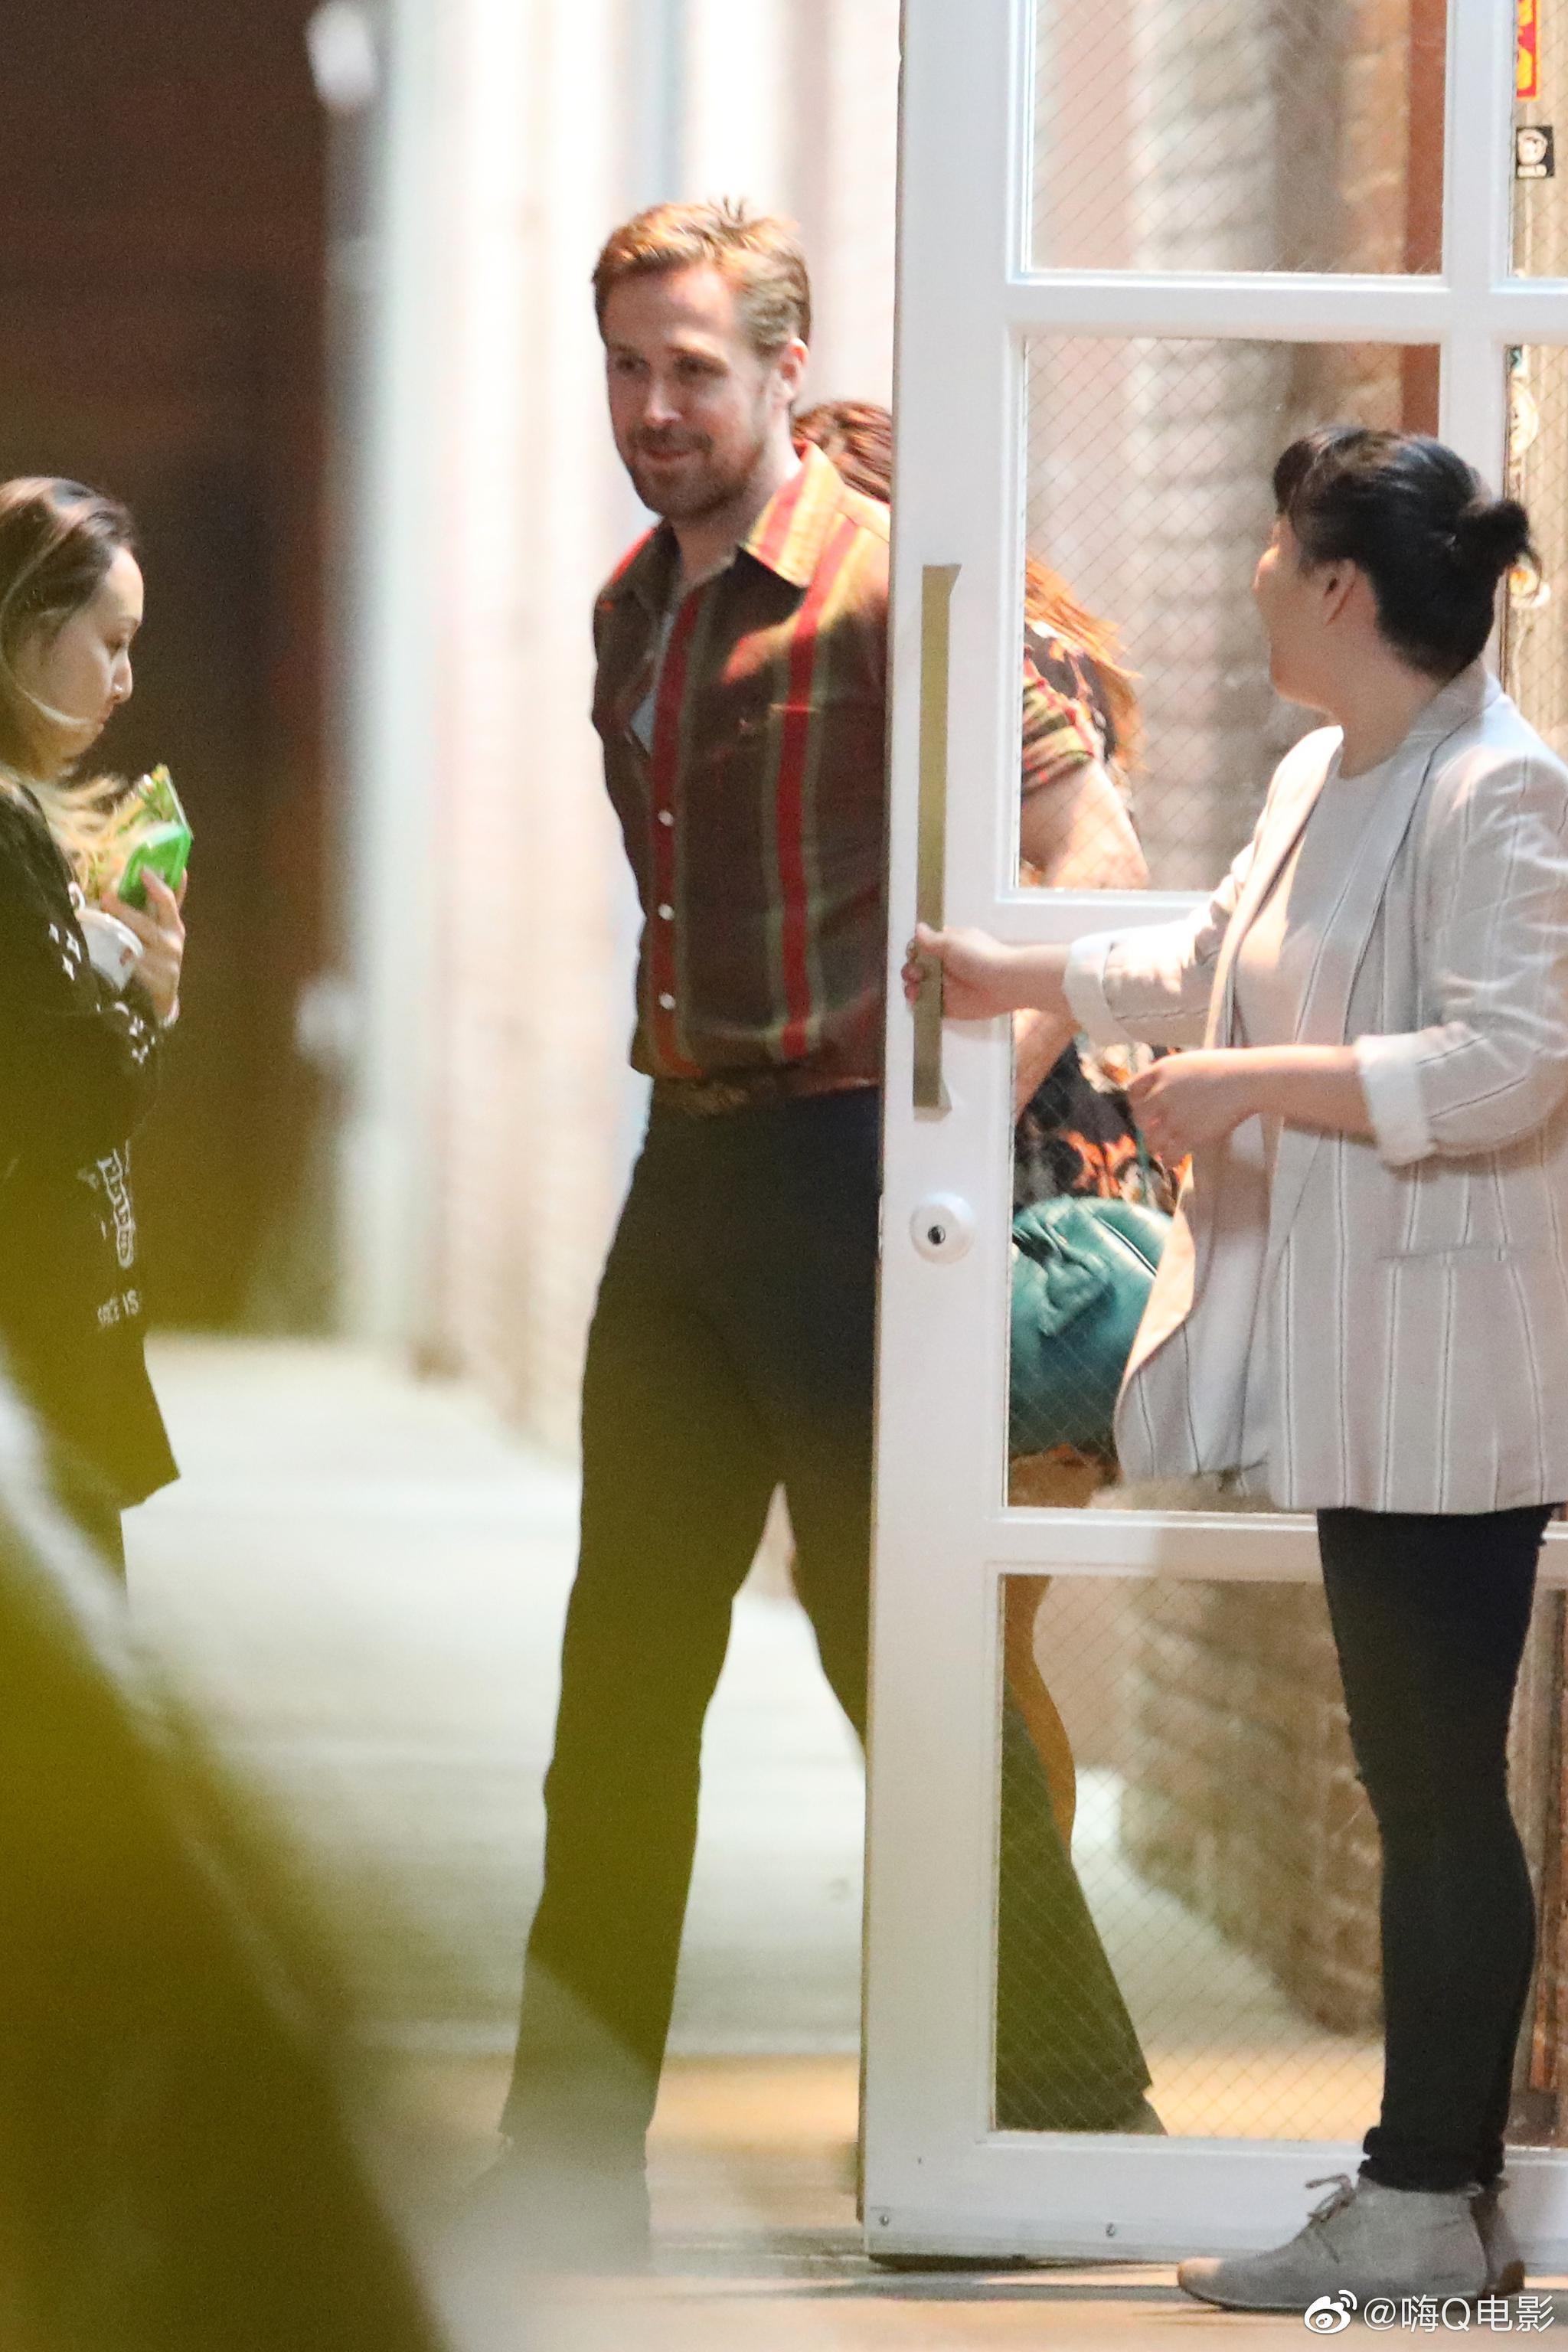 瑞恩·高斯林和伊娃·门德斯9月5日外出吃饭